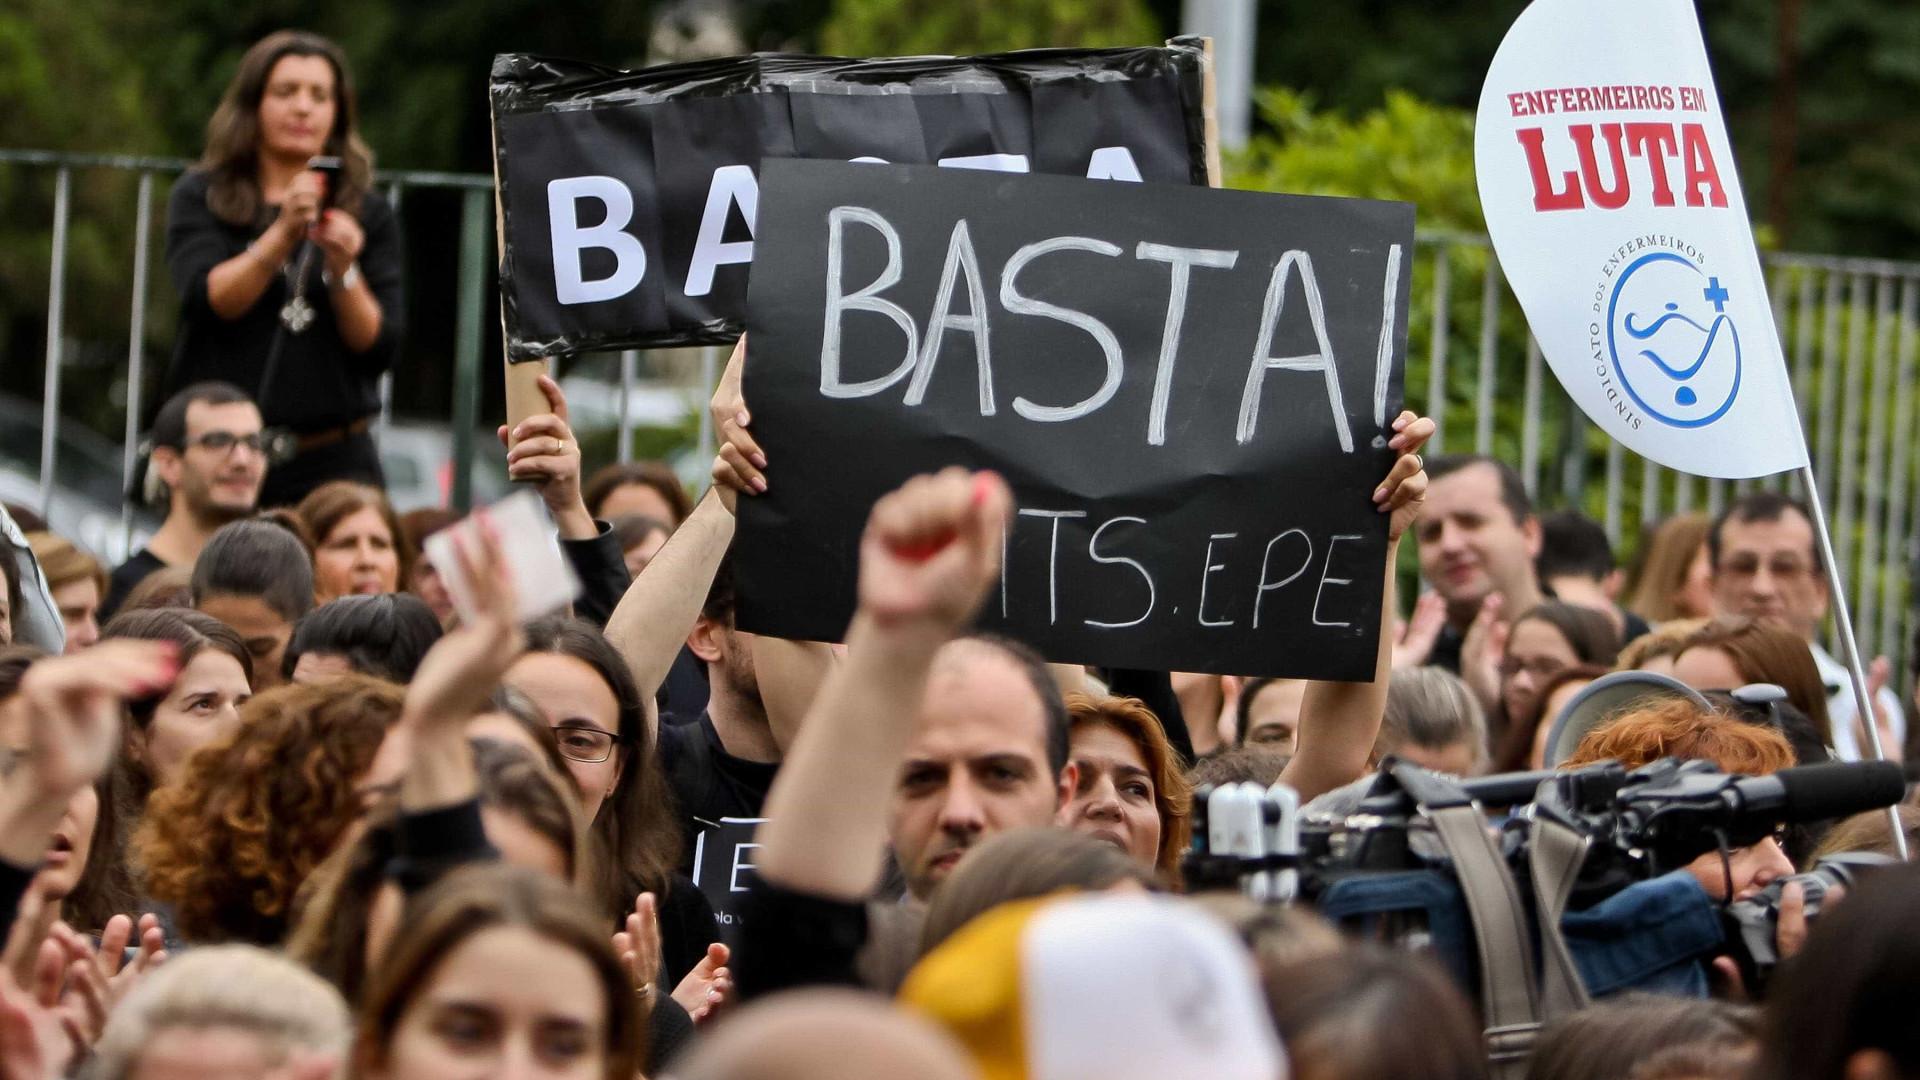 Enfermeiros desconvocam greve marcada para este mês